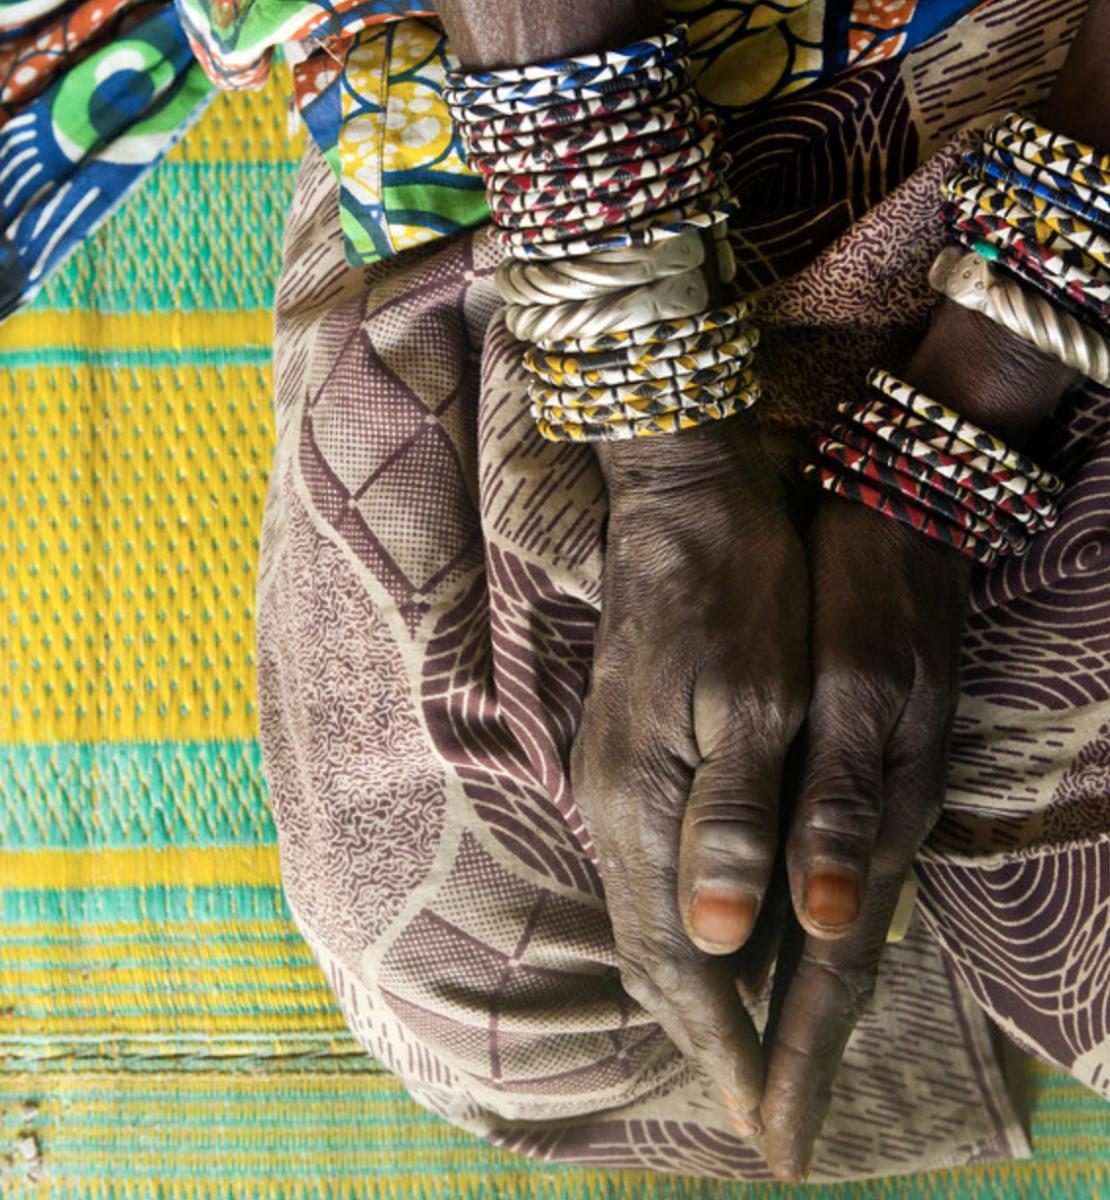 Gros plan sur les mains d'une femme portant plusieurs bracelets et agenouillée sur une étoffe aux couleurs vives.